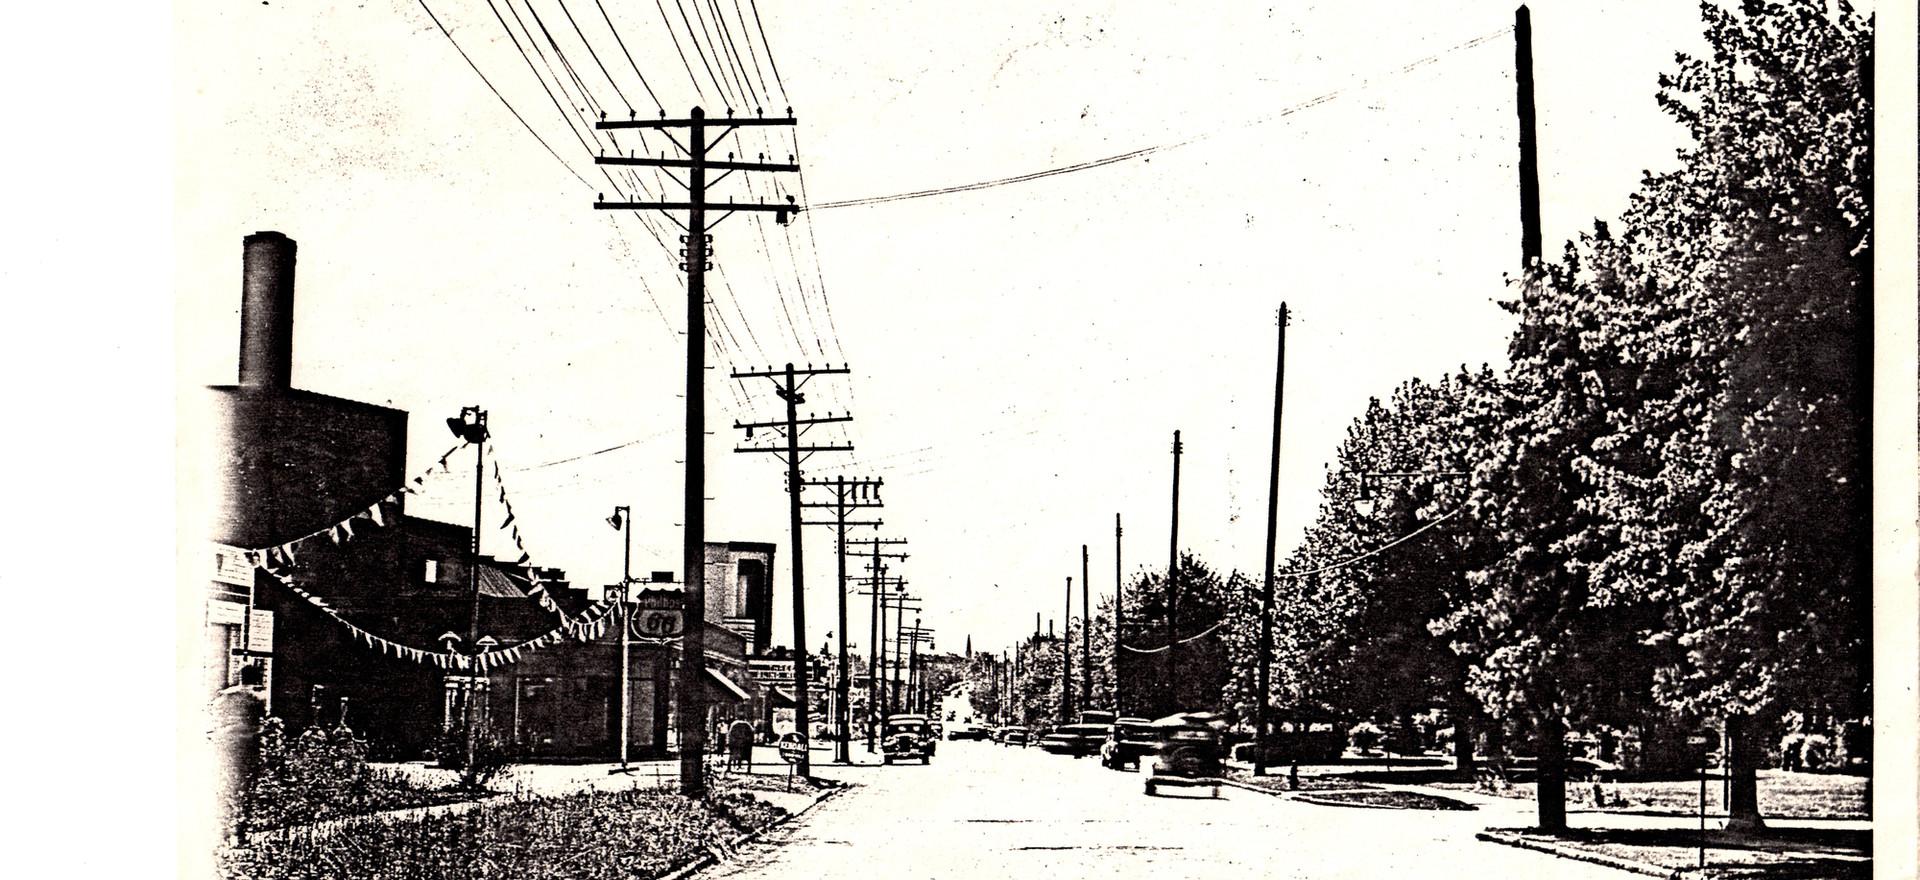 GH Turney Road Looking South.jpg